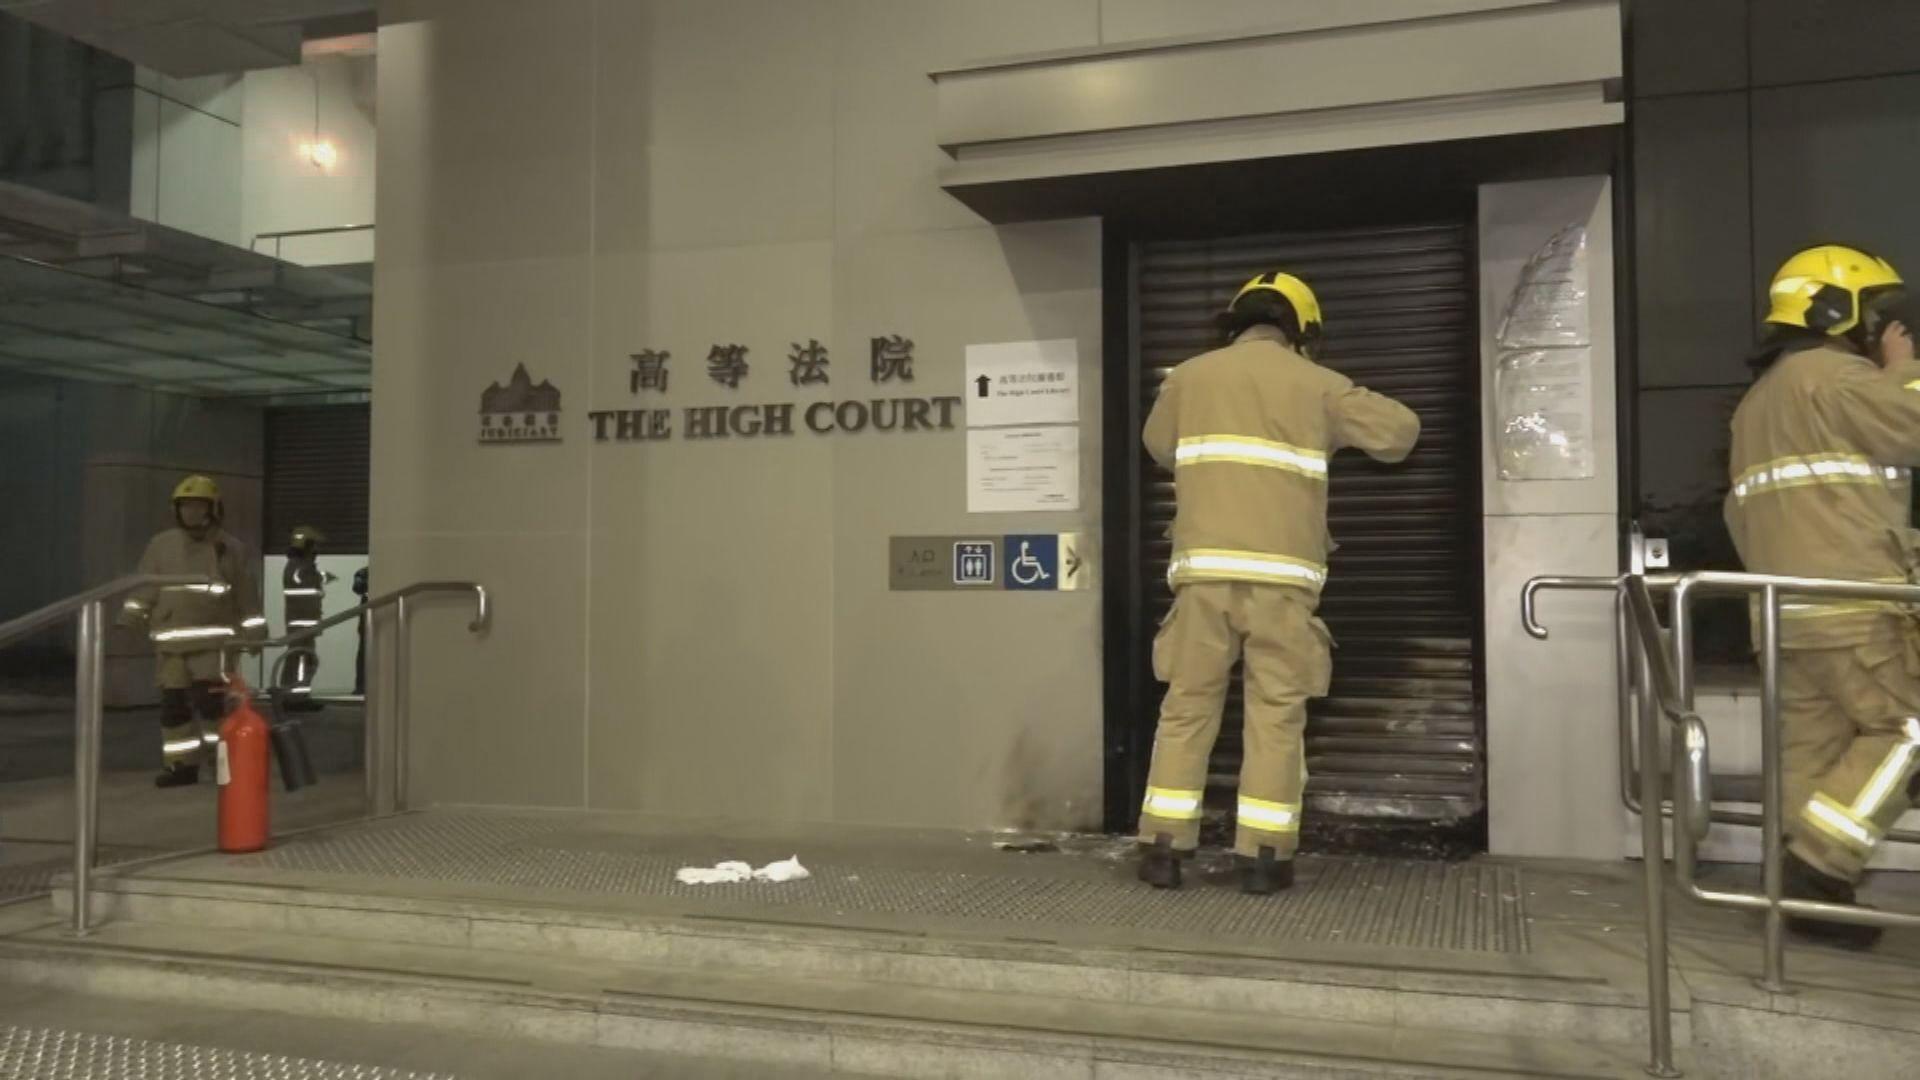 高等法院門外傍晚起火 消防到場救熄